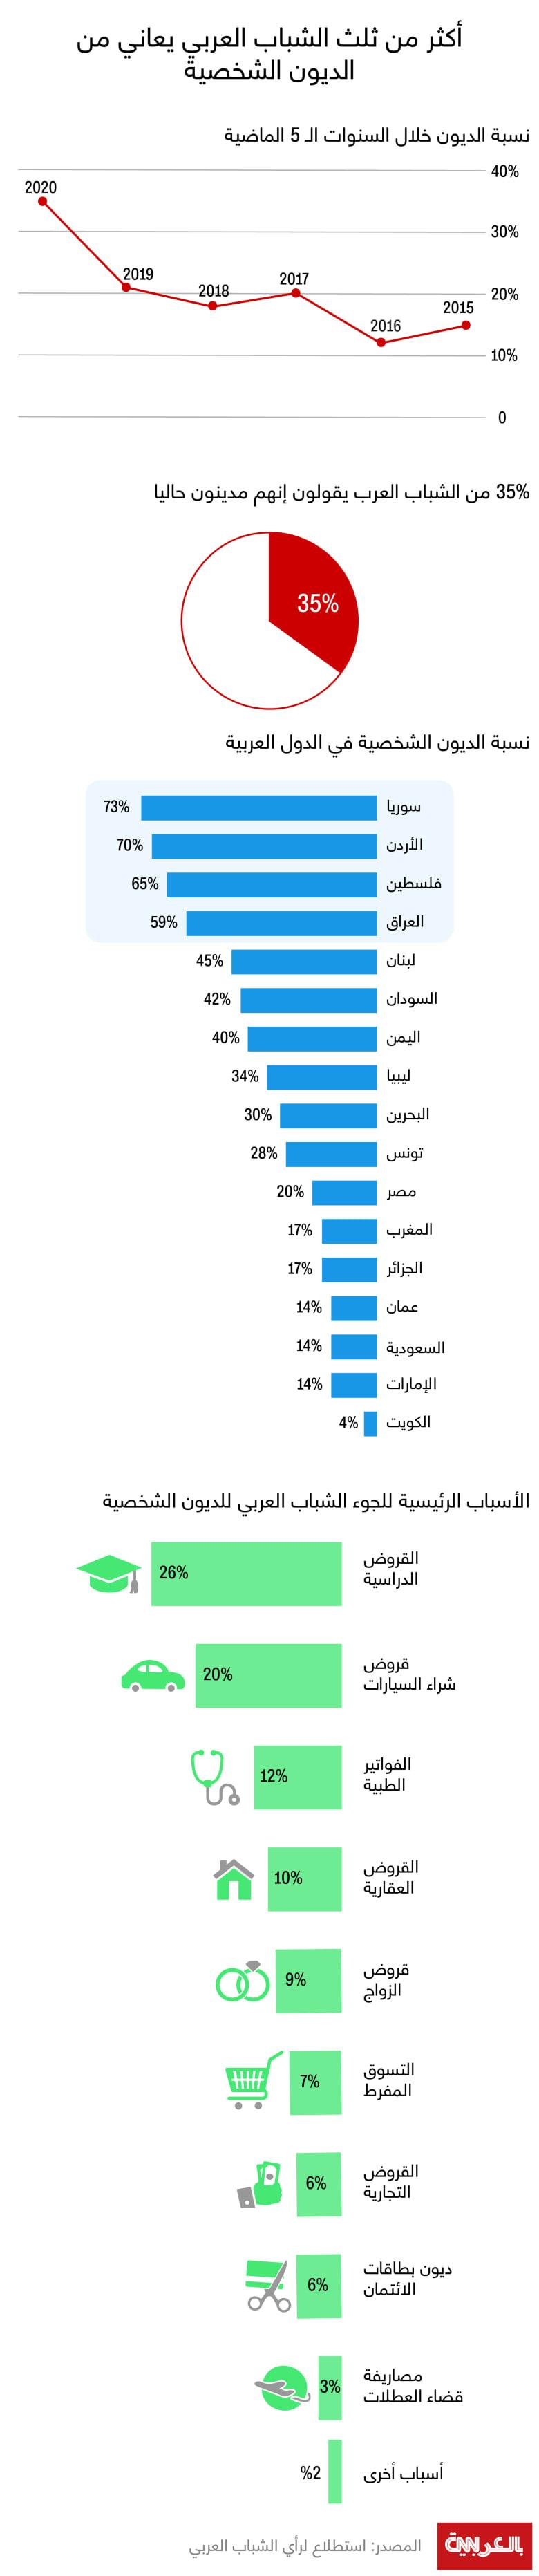 Arab-Youth-Survey-2020-debt